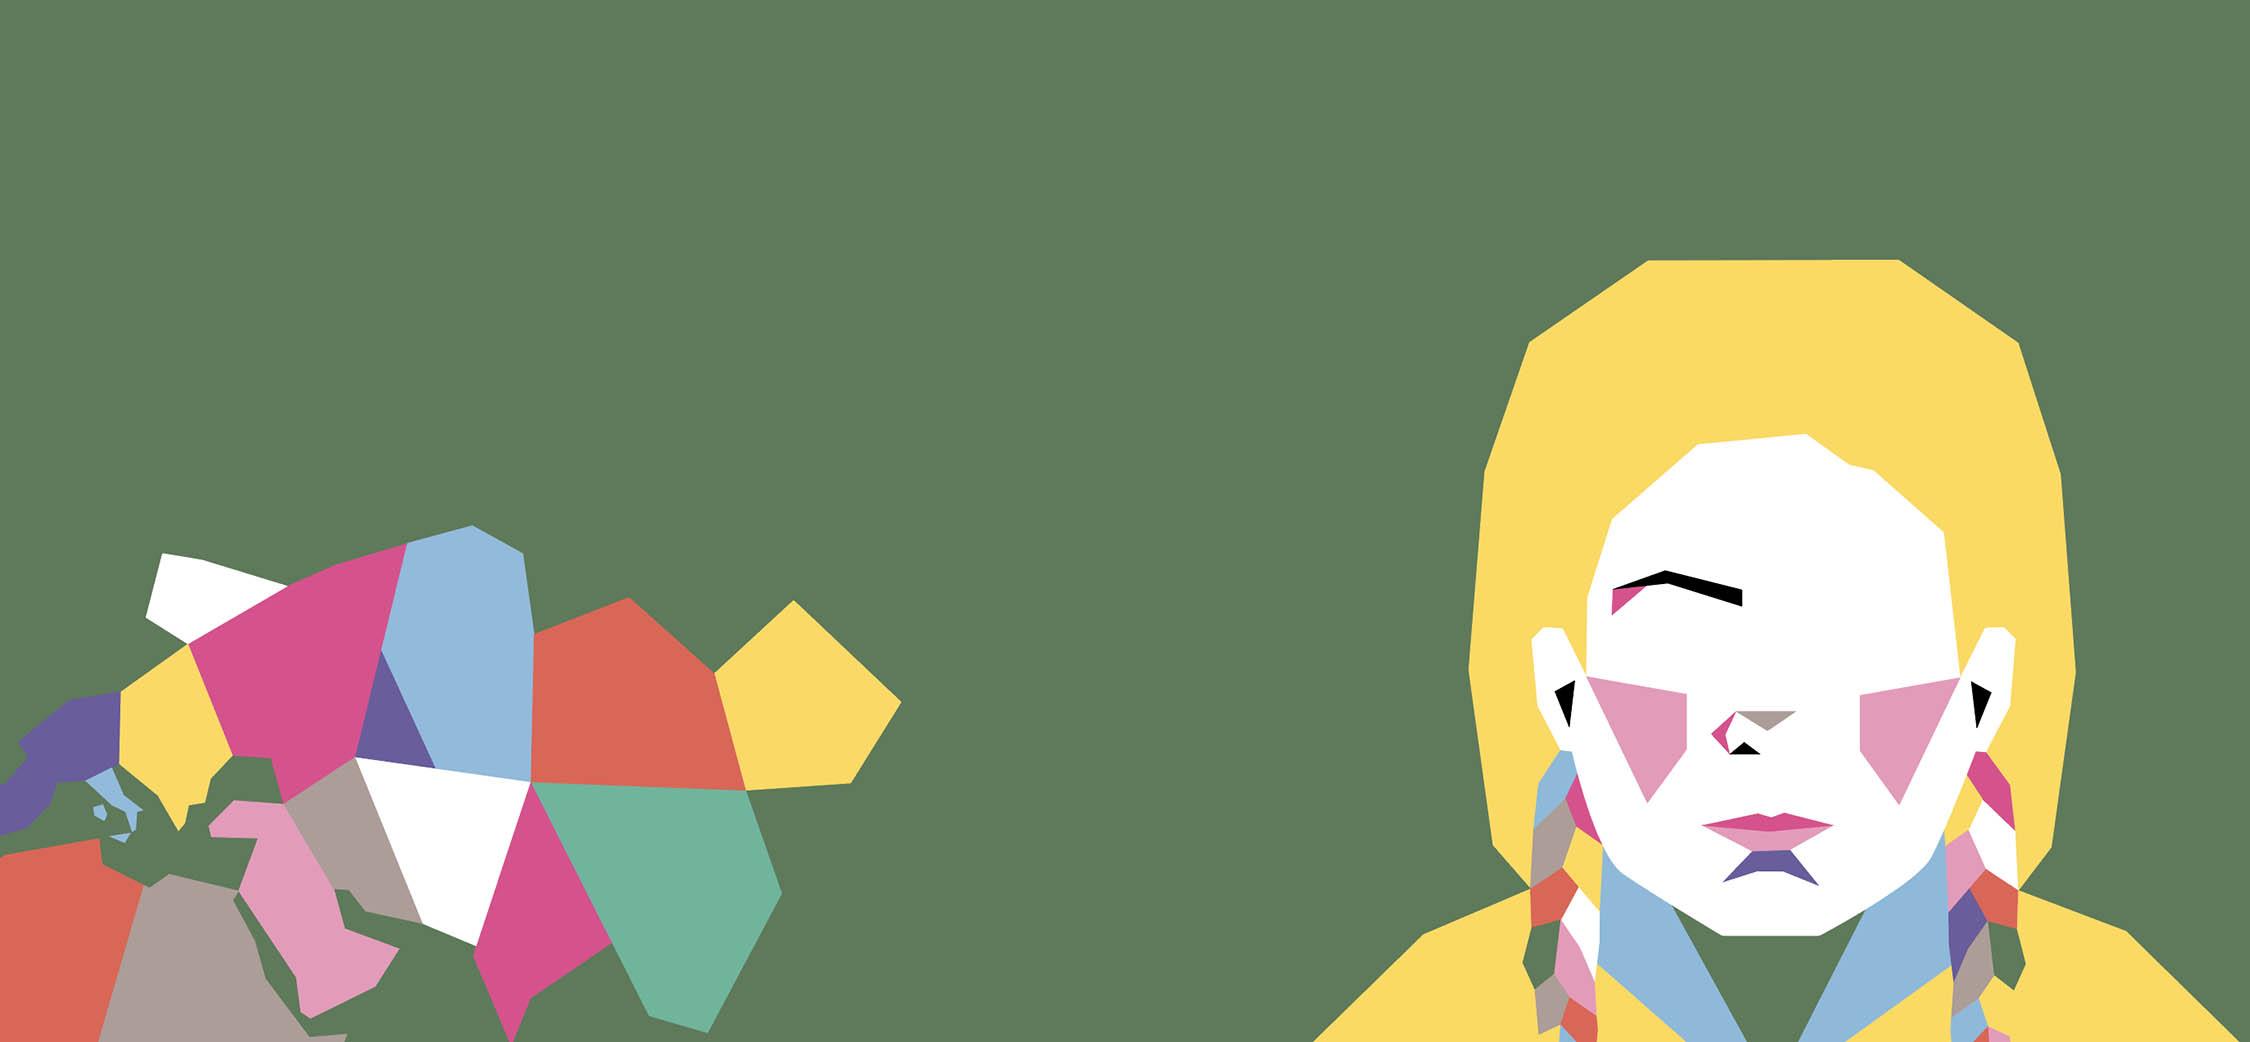 orione 16 i supereroi dettaglio di copertina illustrazione di bruna pallante, greta thurnberg